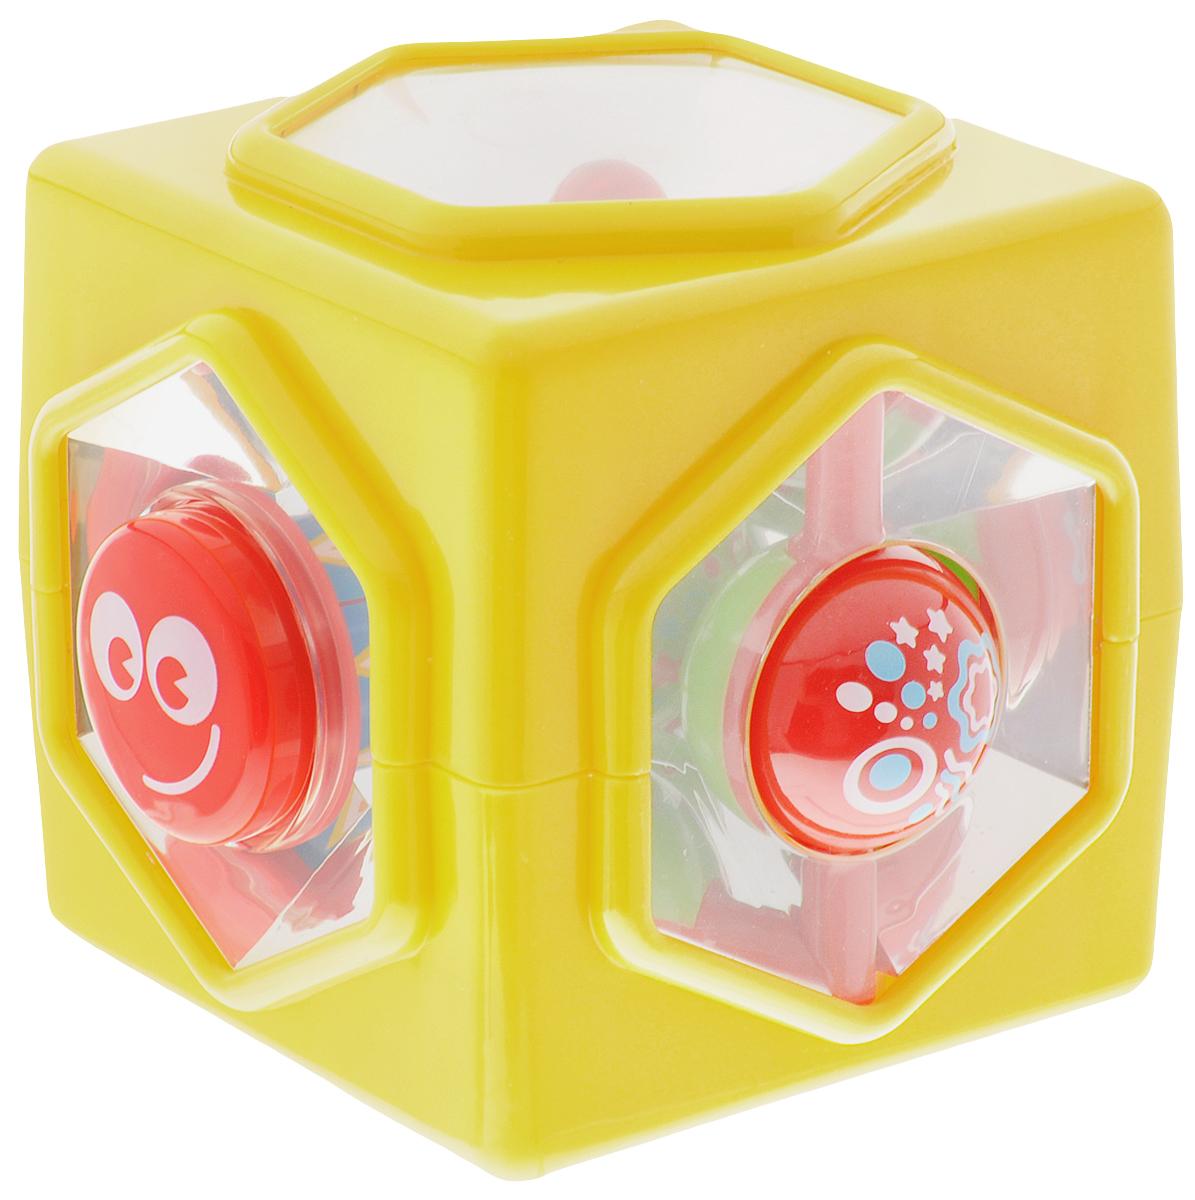 Playgo Развивающая игрушка Мульти-куб 5 в 1